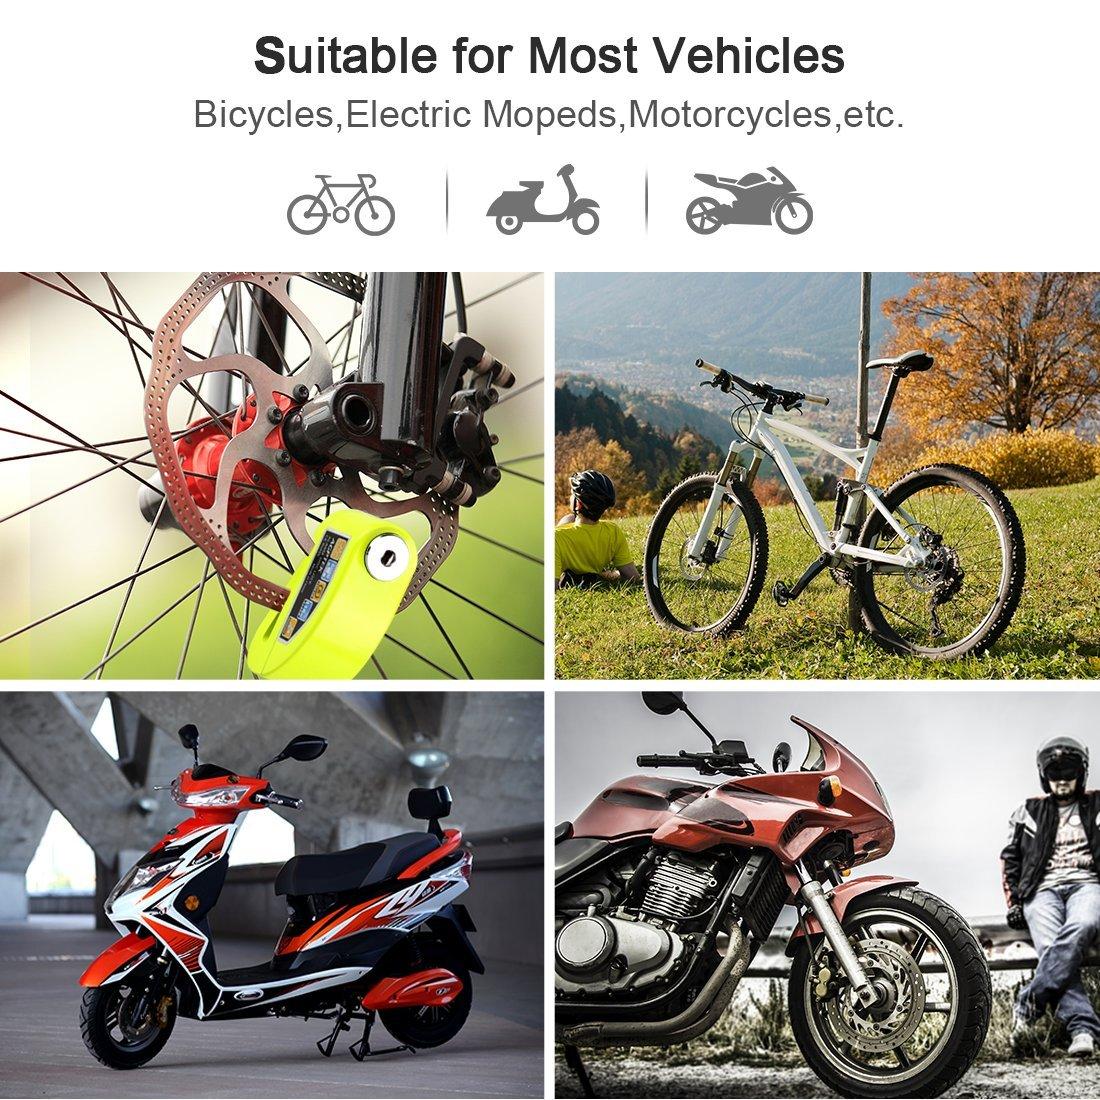 Candado de Disco Moto para con Alarma Antirrobo 110dB, AGPTEK S5 Candado Bloqueo Aluminio para Moto, Motocicleta, Scooter-Verde: Amazon.es: Coche y moto